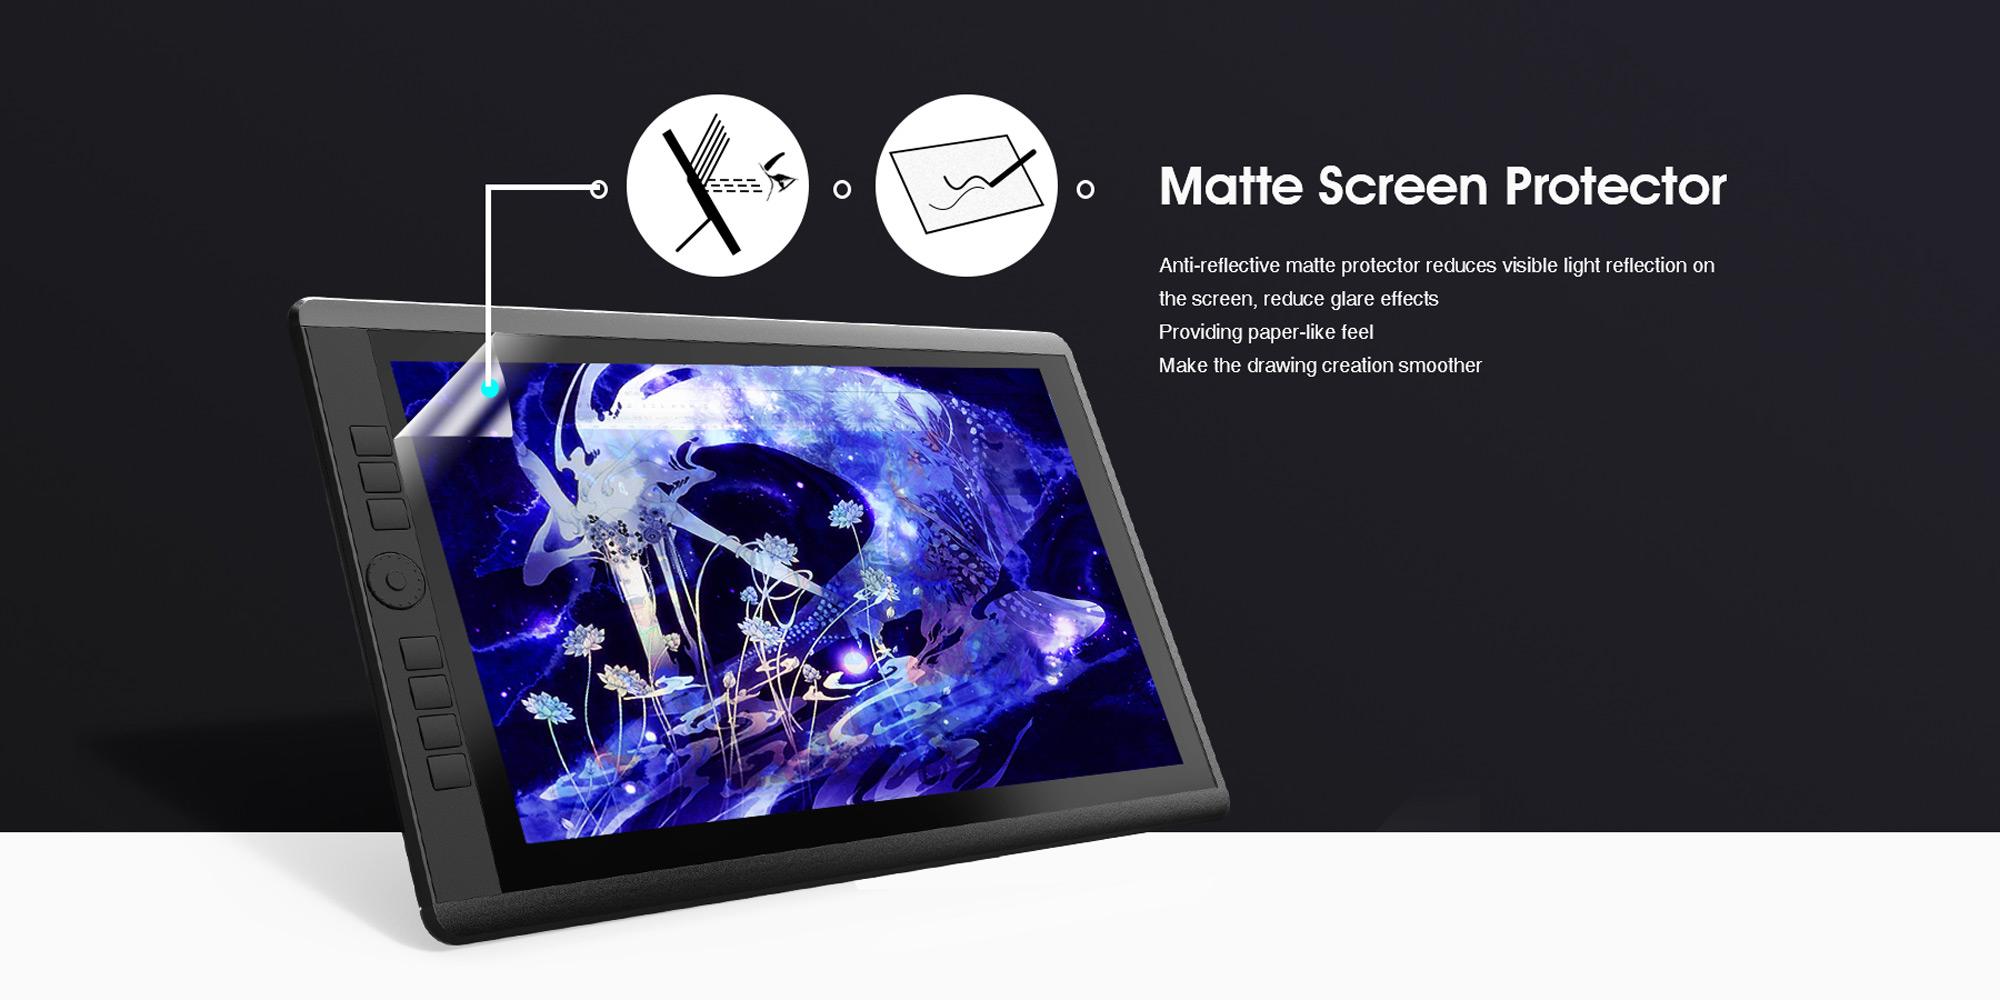 Grafika prezentująca powłokę ochronną ekranu LCD tabletu graficznego Veikk VK1560 Pro